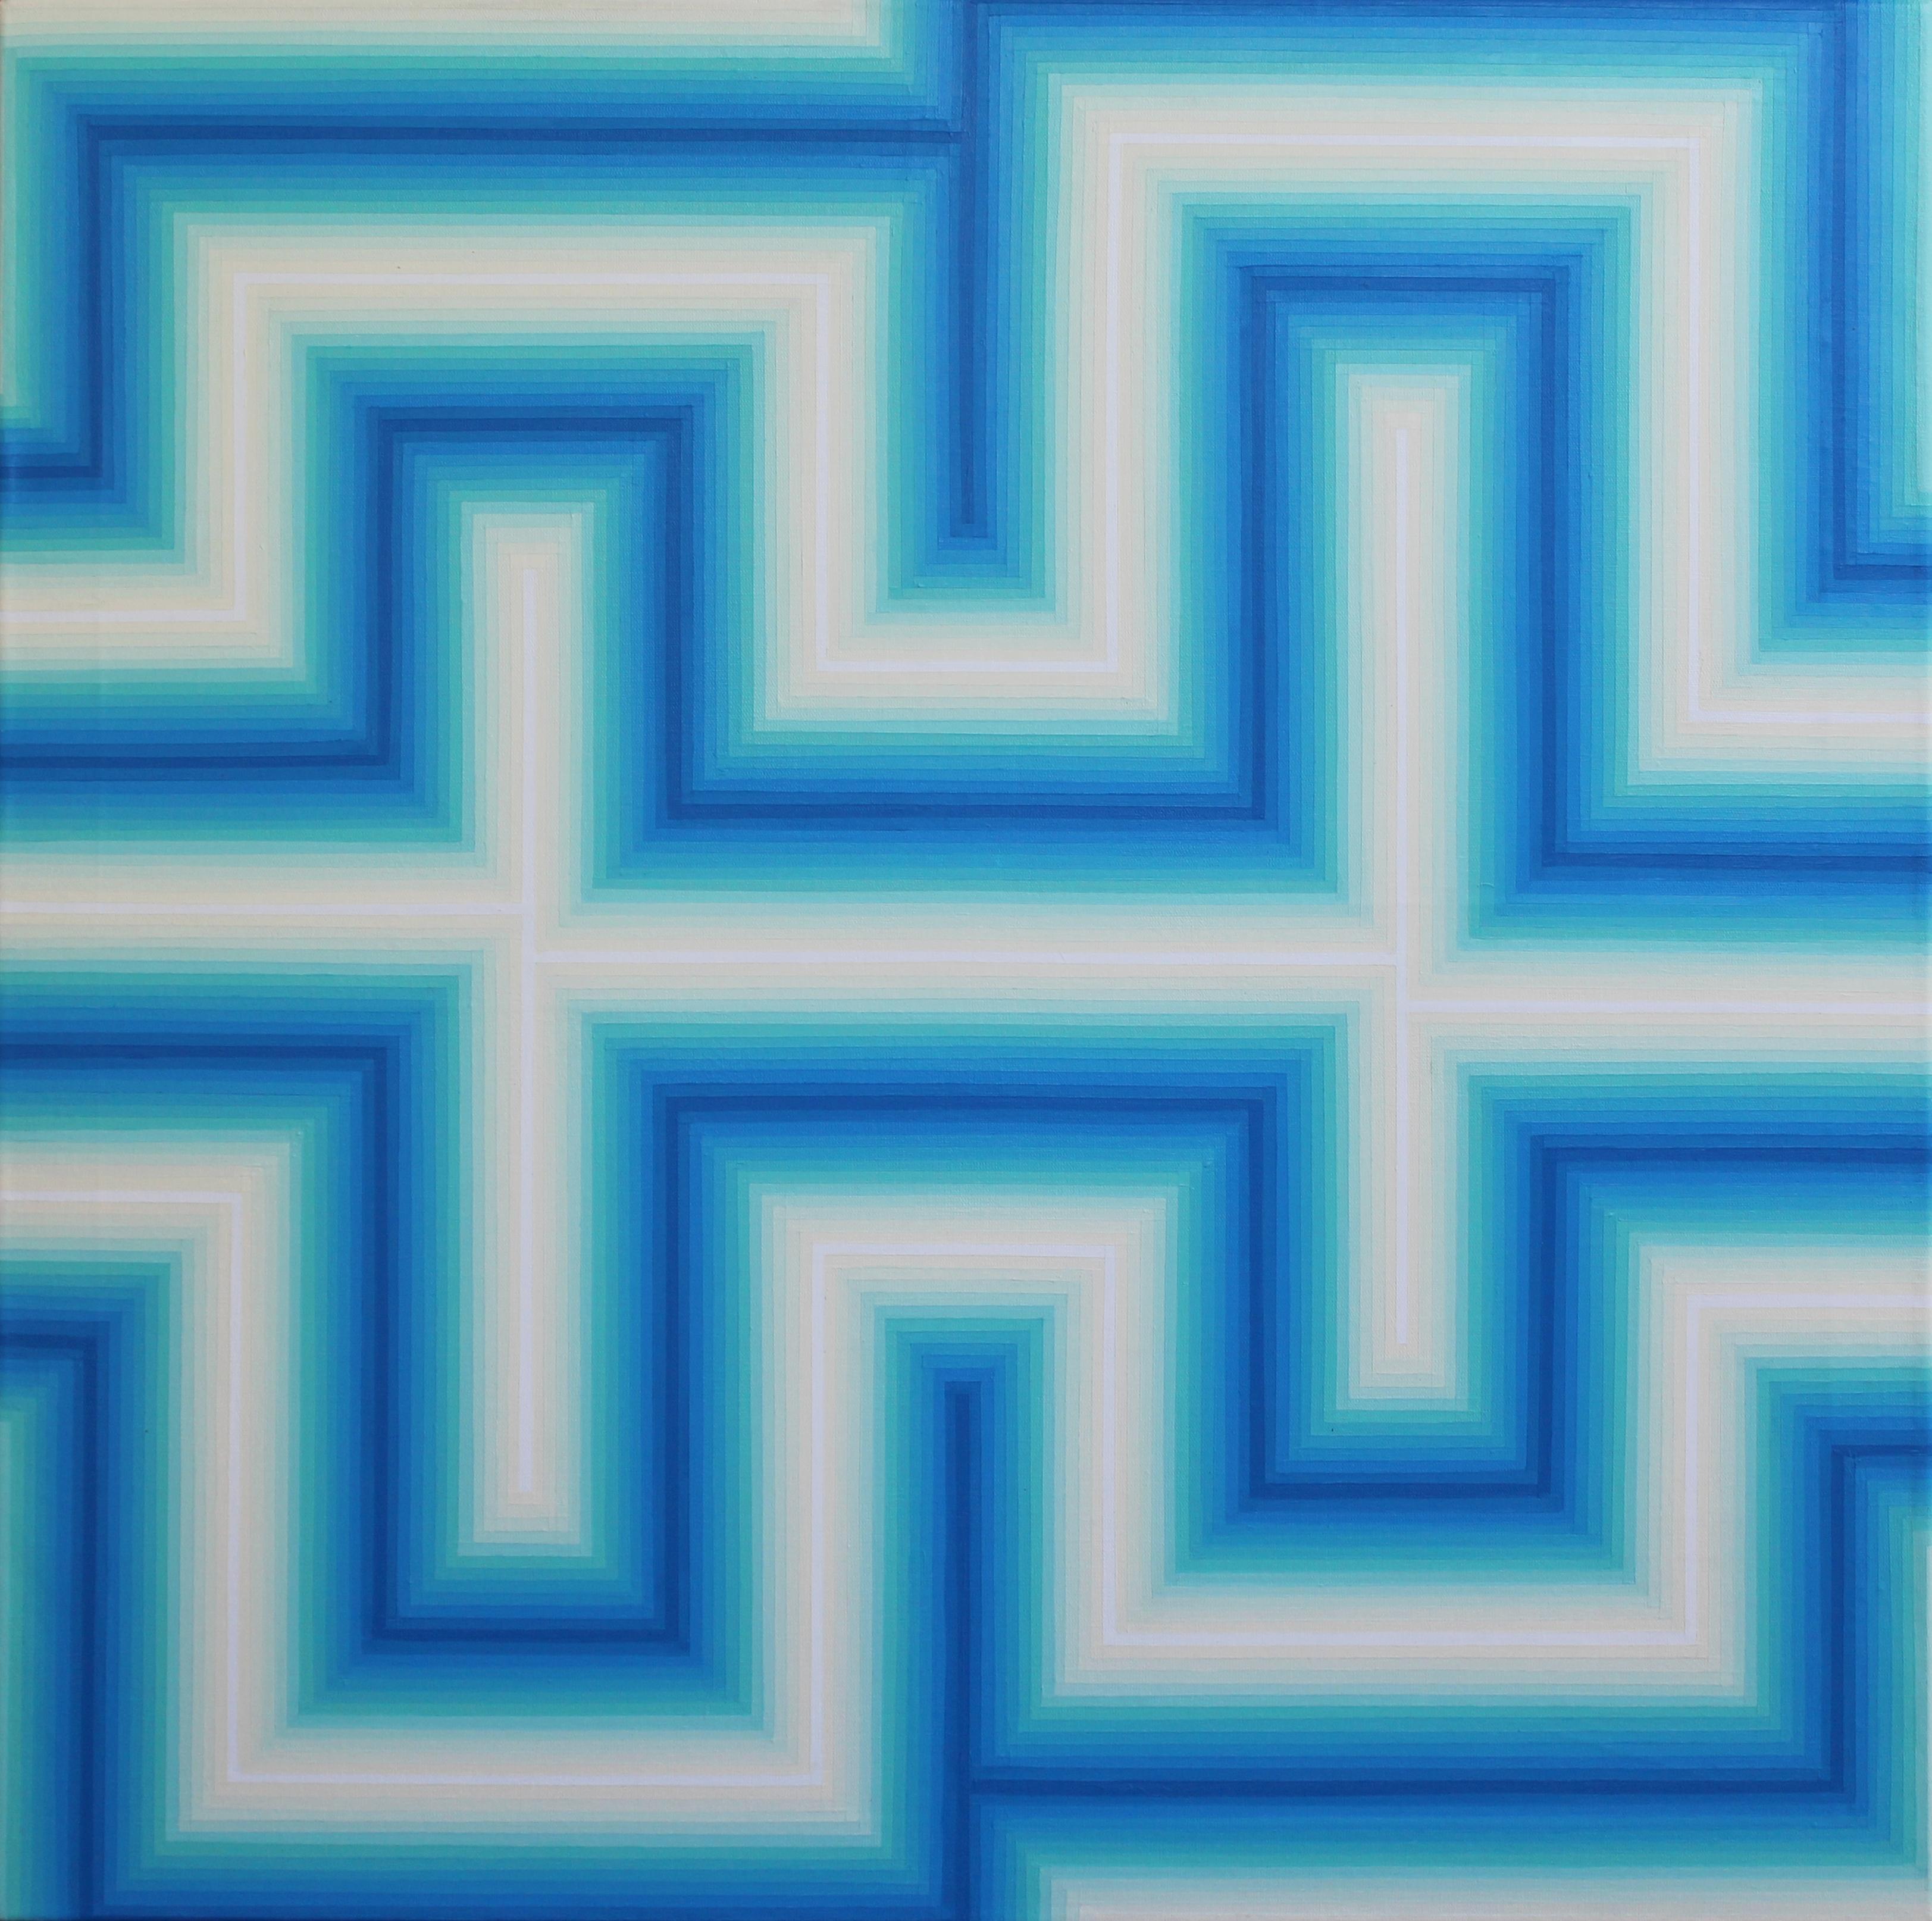 Vibration chromatique 5 - Acrylique sur toile 80X80 cm